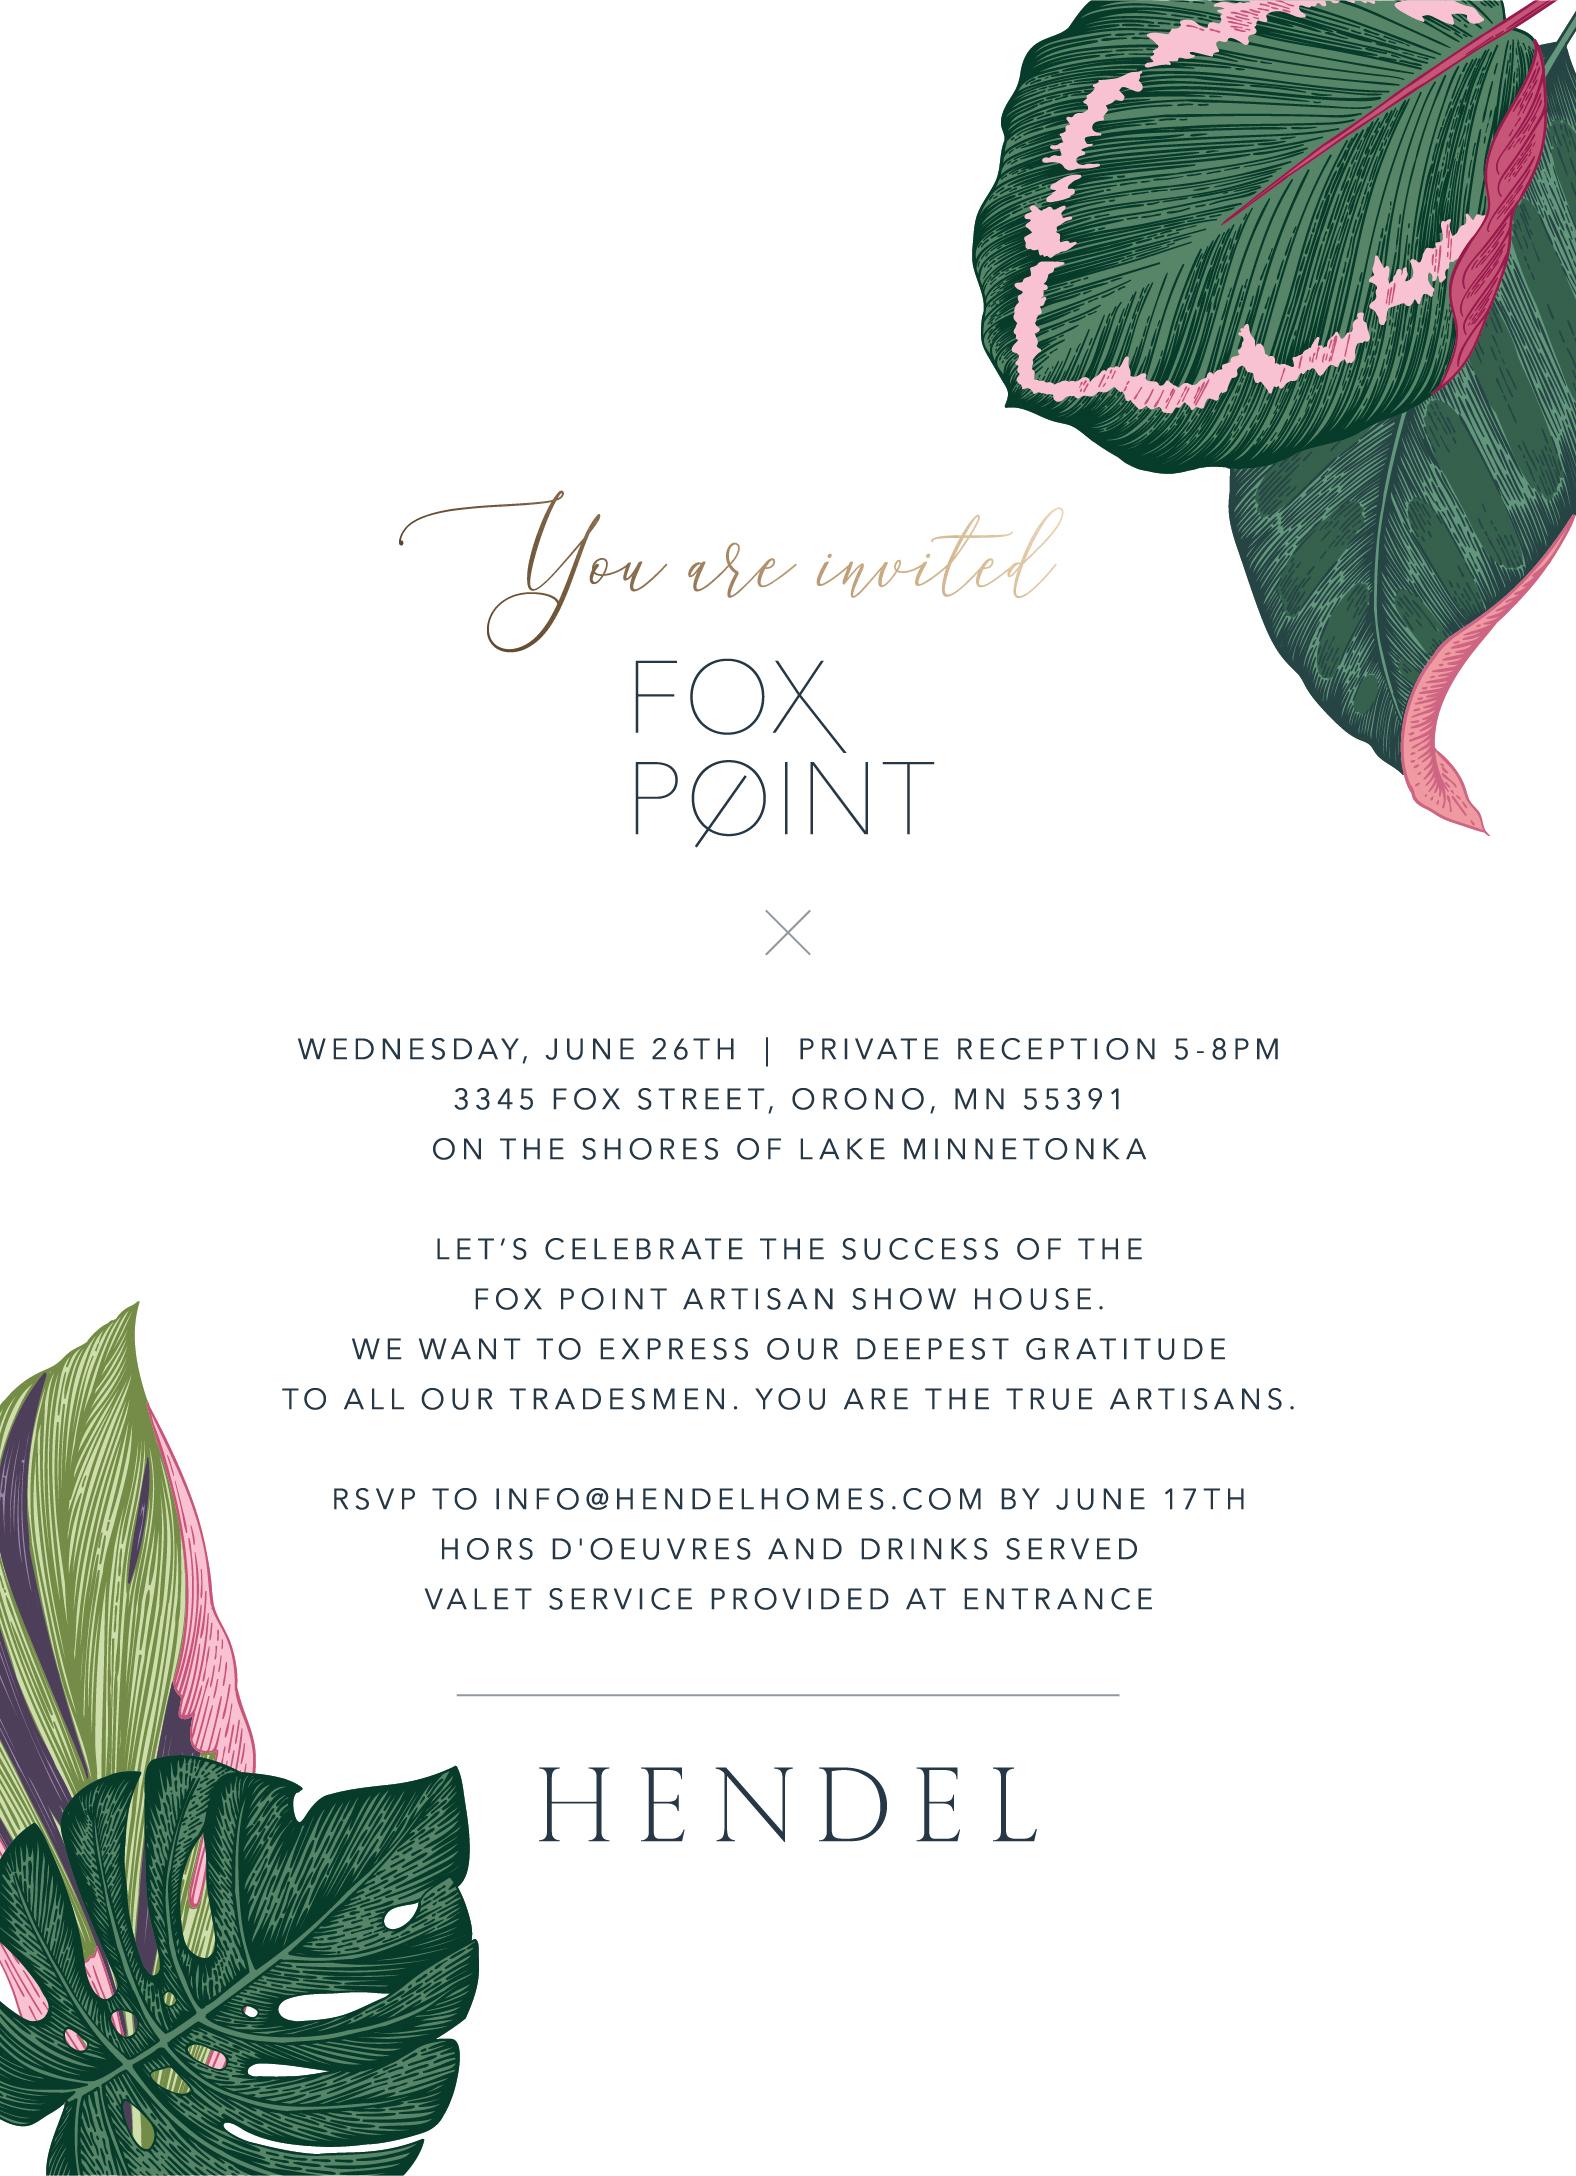 Hendel Artisan Card 2019 for web_front.jpg